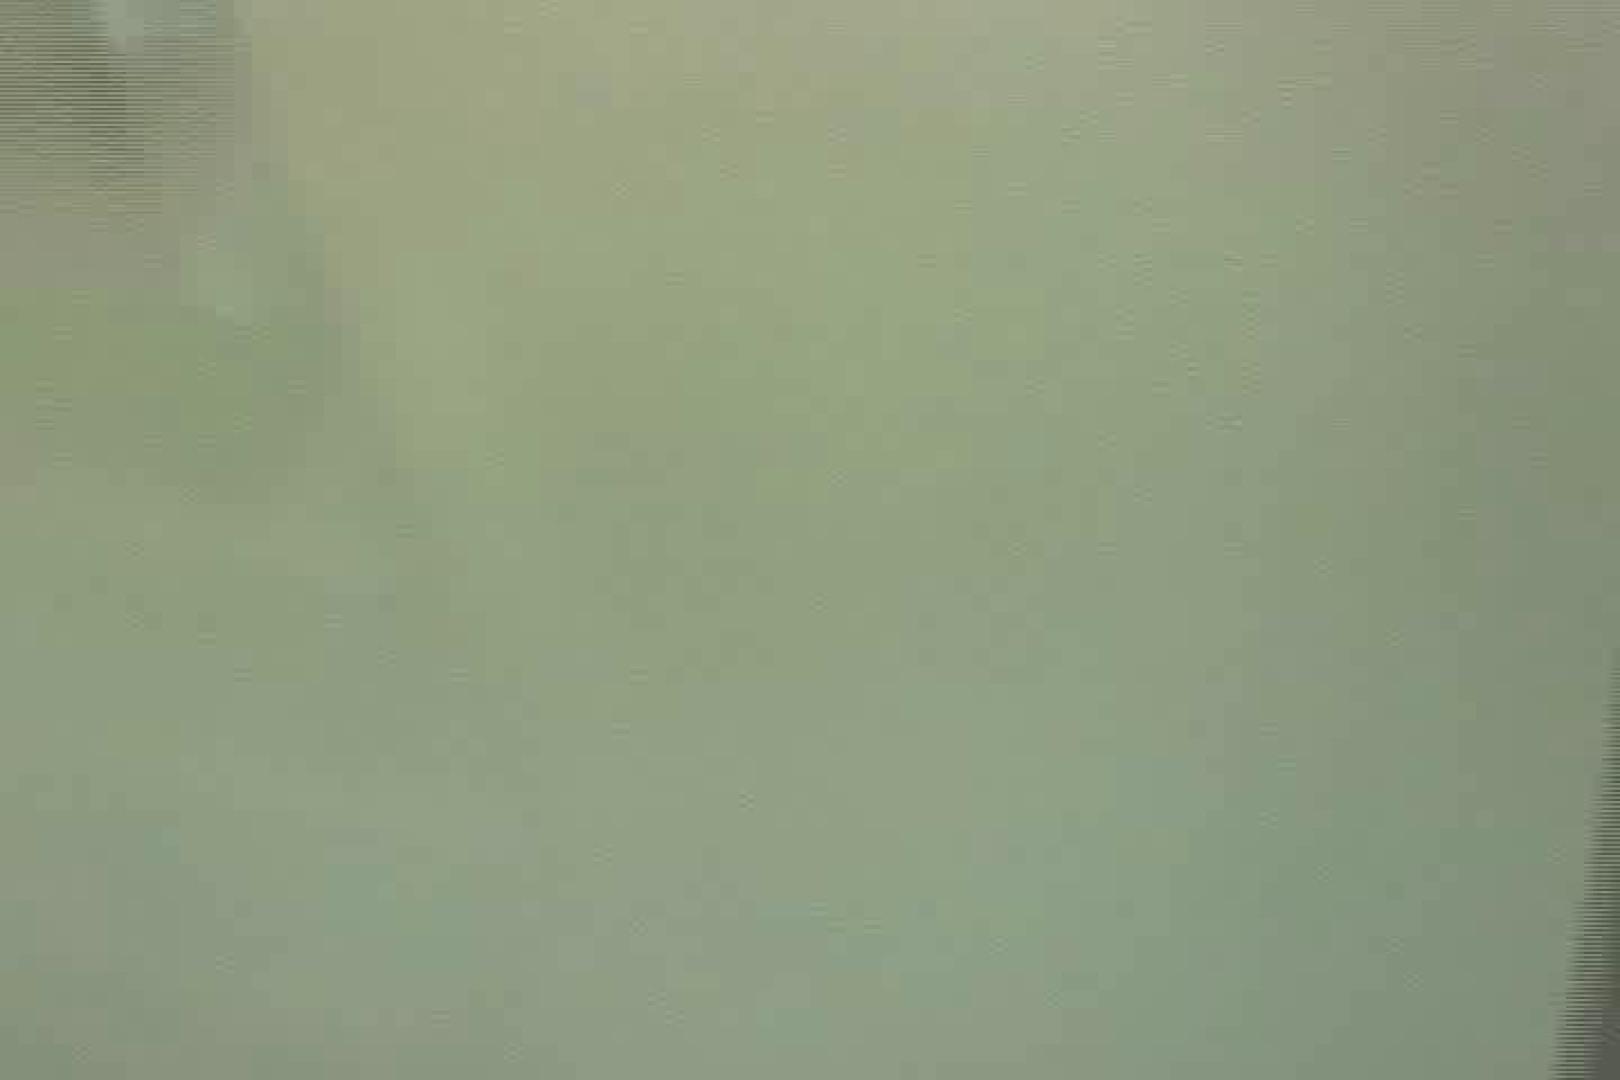 マンコ丸見え女子洗面所Vol.9 洗面所 | マンコ  78pic 66